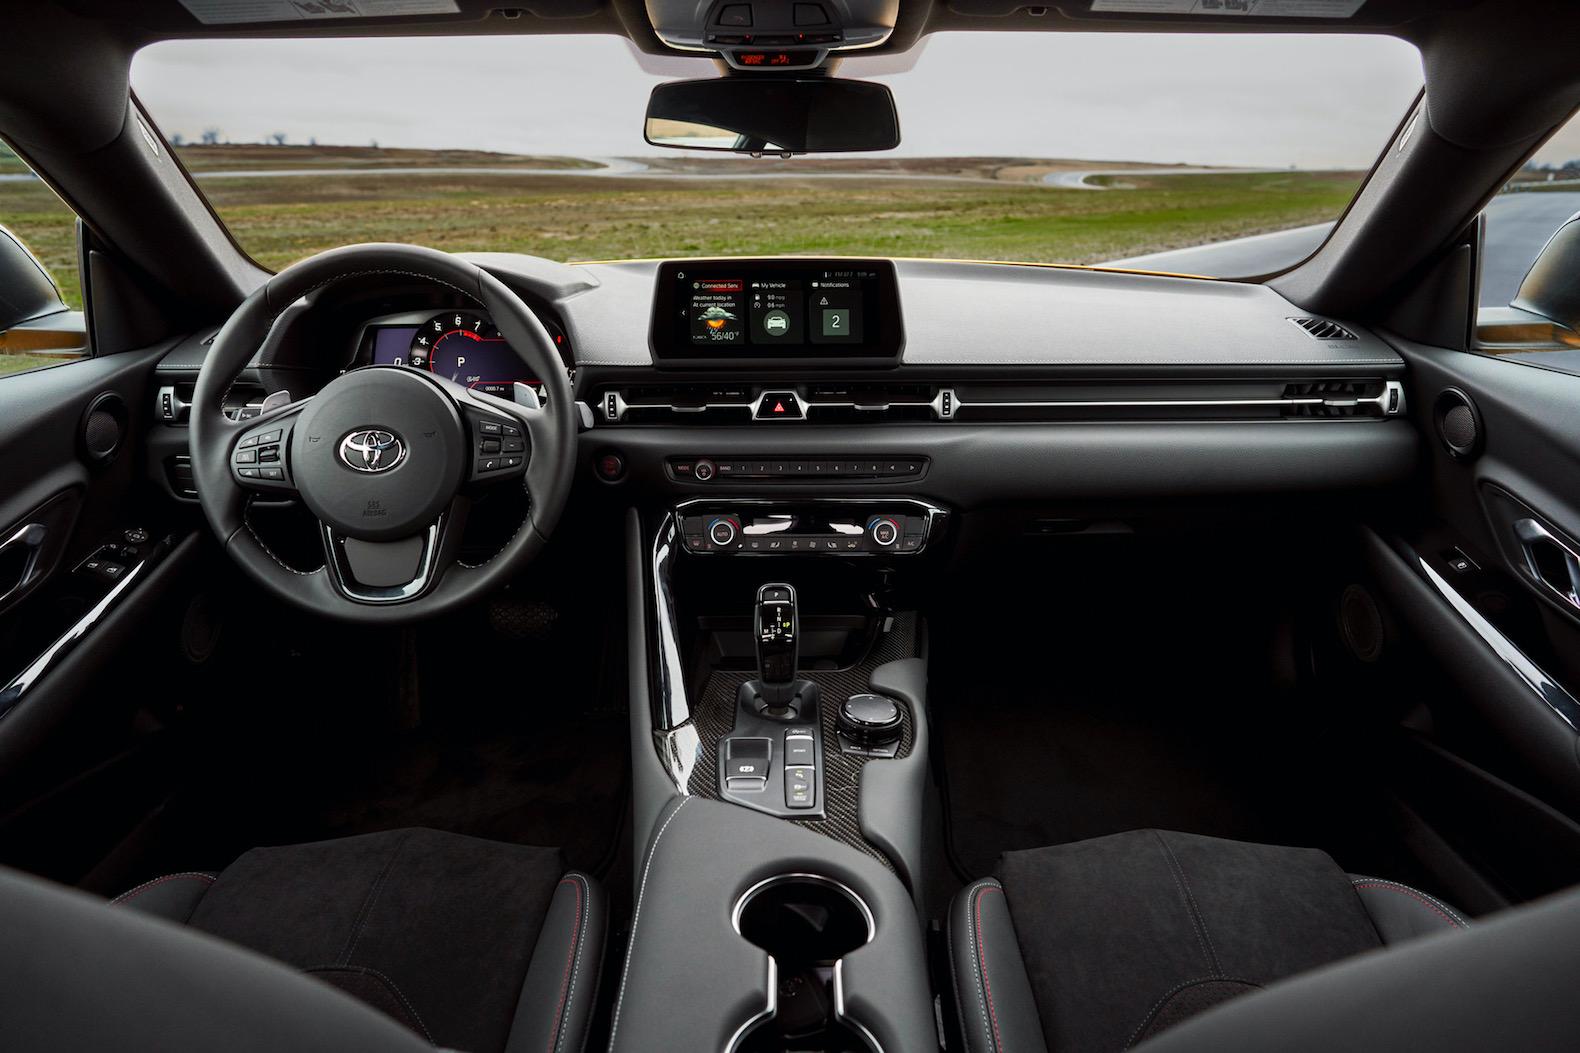 2021 Toyota GR Supra 2.0 Review